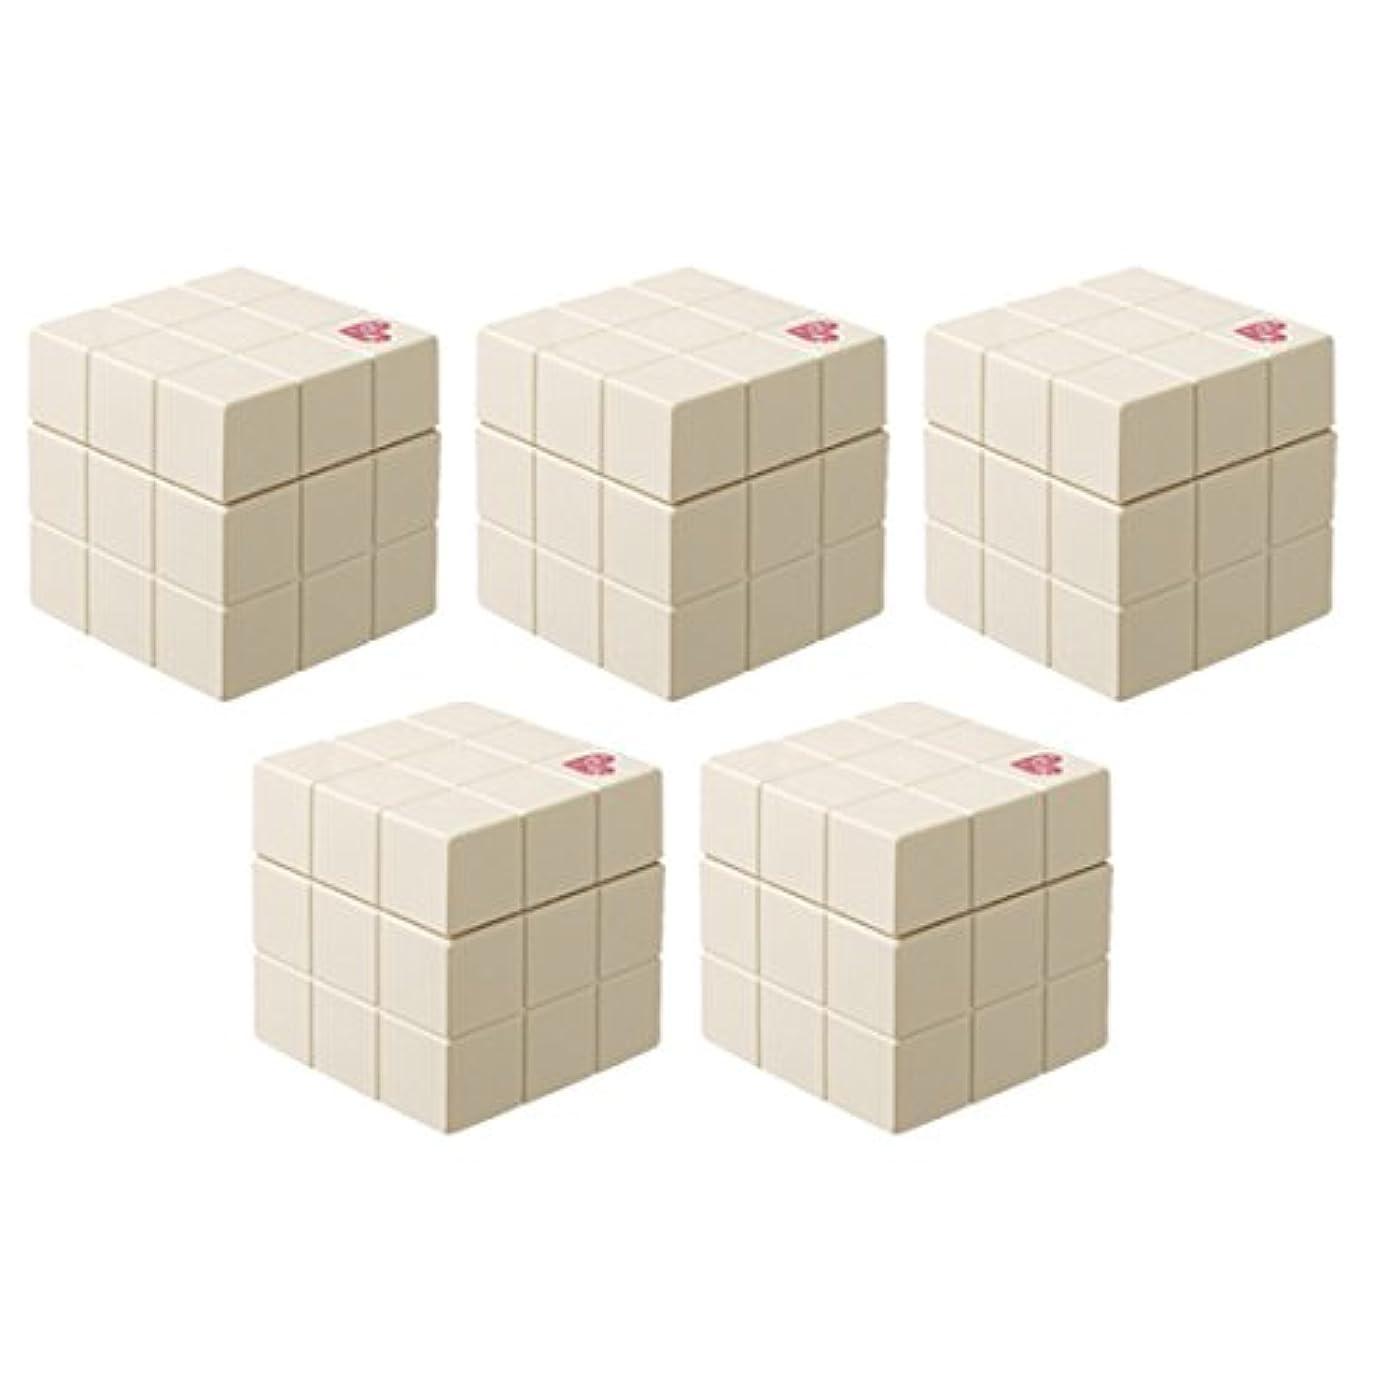 第九パフ増加する【x5個セット】 アリミノ ピース プロデザインシリーズ ニュアンスワックス バニラ 80g